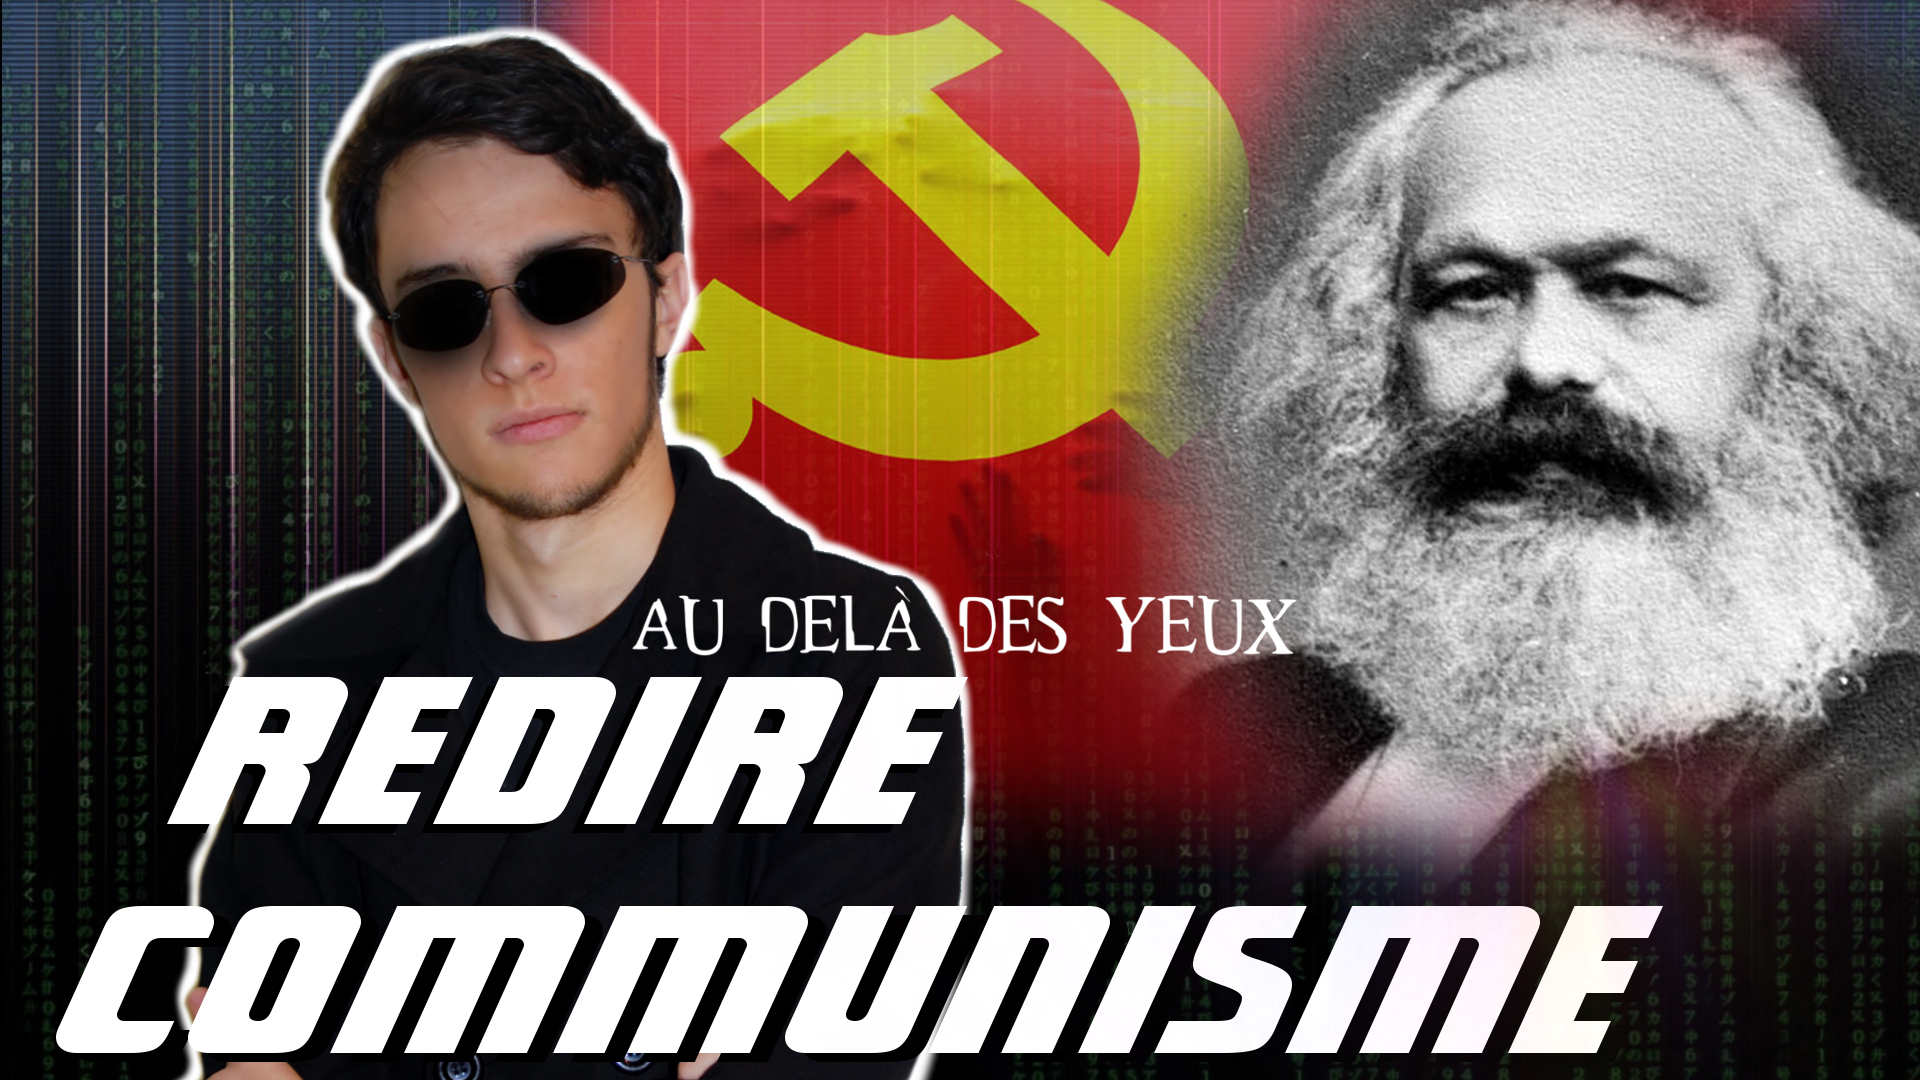 Vous avez dit communiste ? – Au-delà des yeux